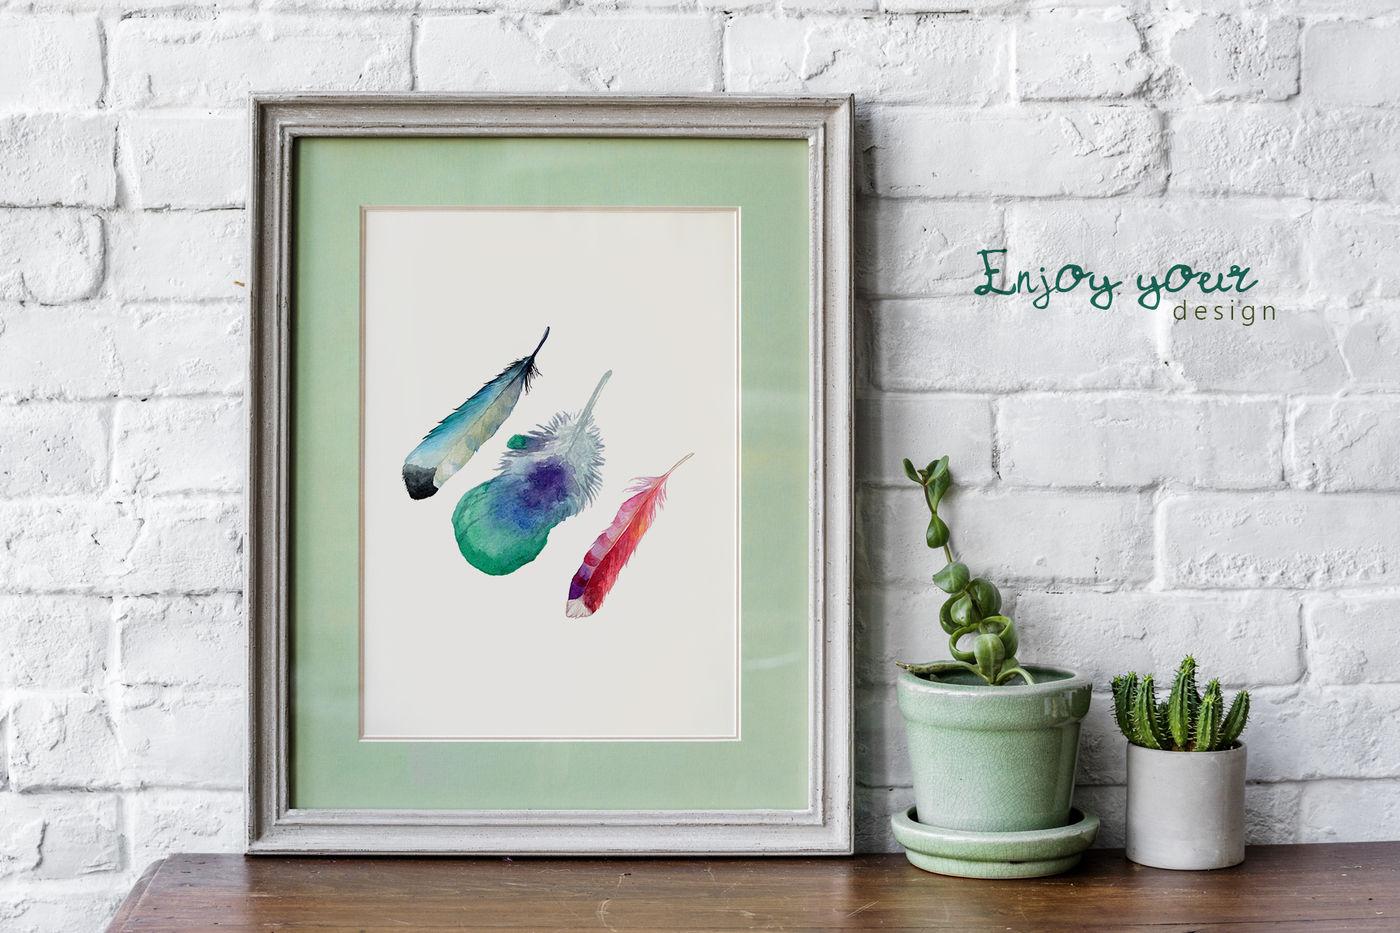 55款羽毛手绘水彩剪贴画PNG免抠透明图片素材 Feather Watercolor Png插图(6)